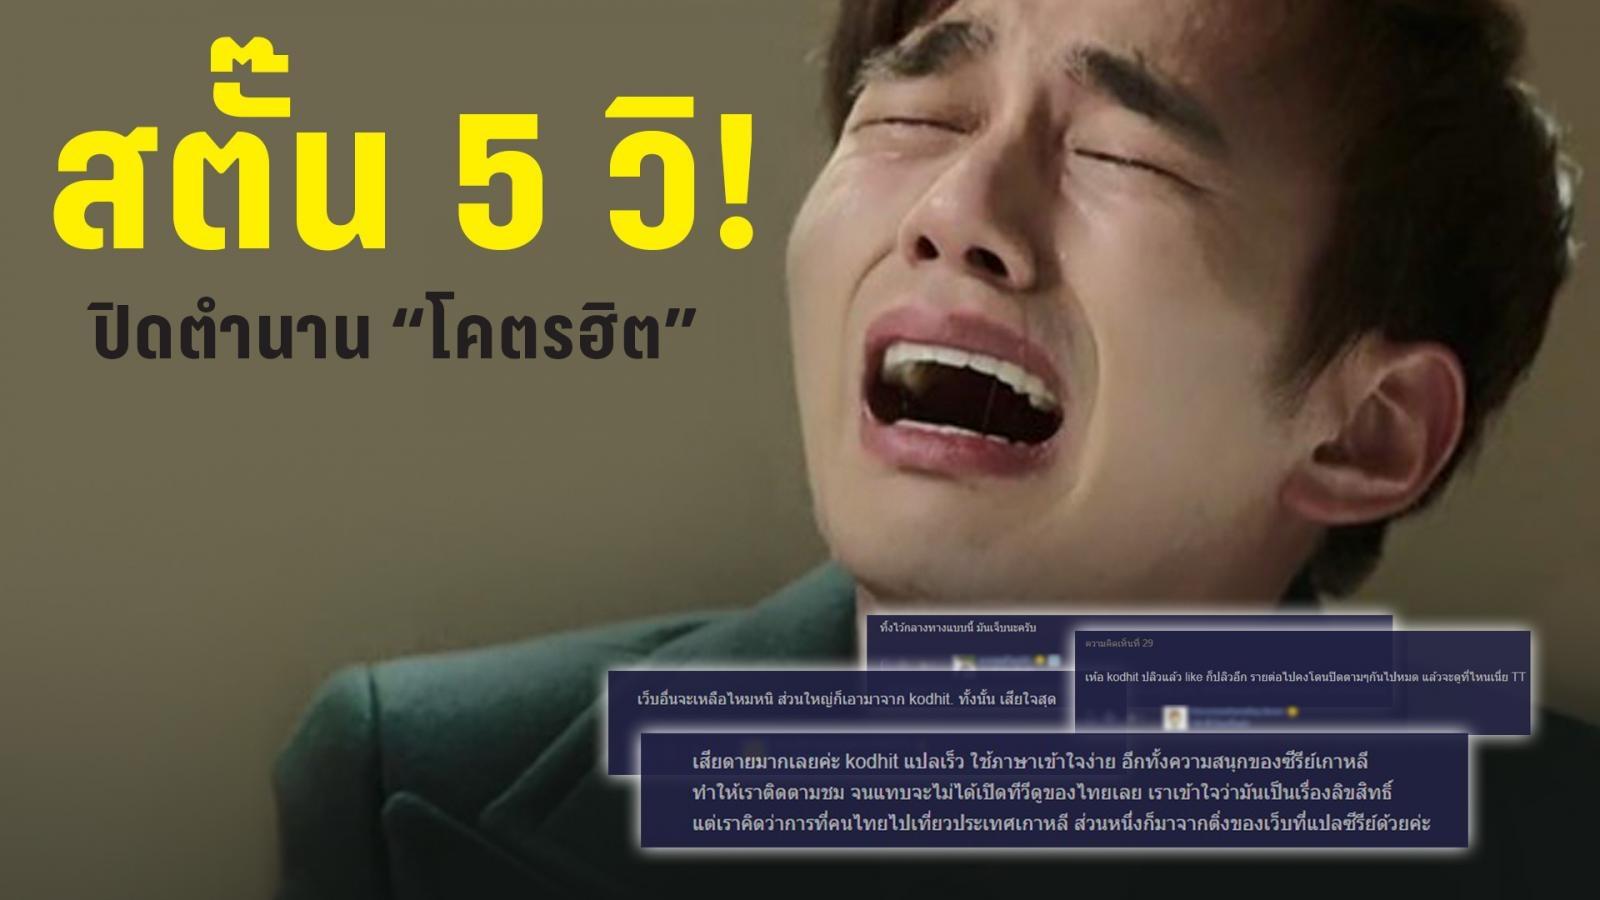 สตั๊น 5 วิ ! ติ่งเกาหลีรับเสียใจ แต่ก็เข้าใจ